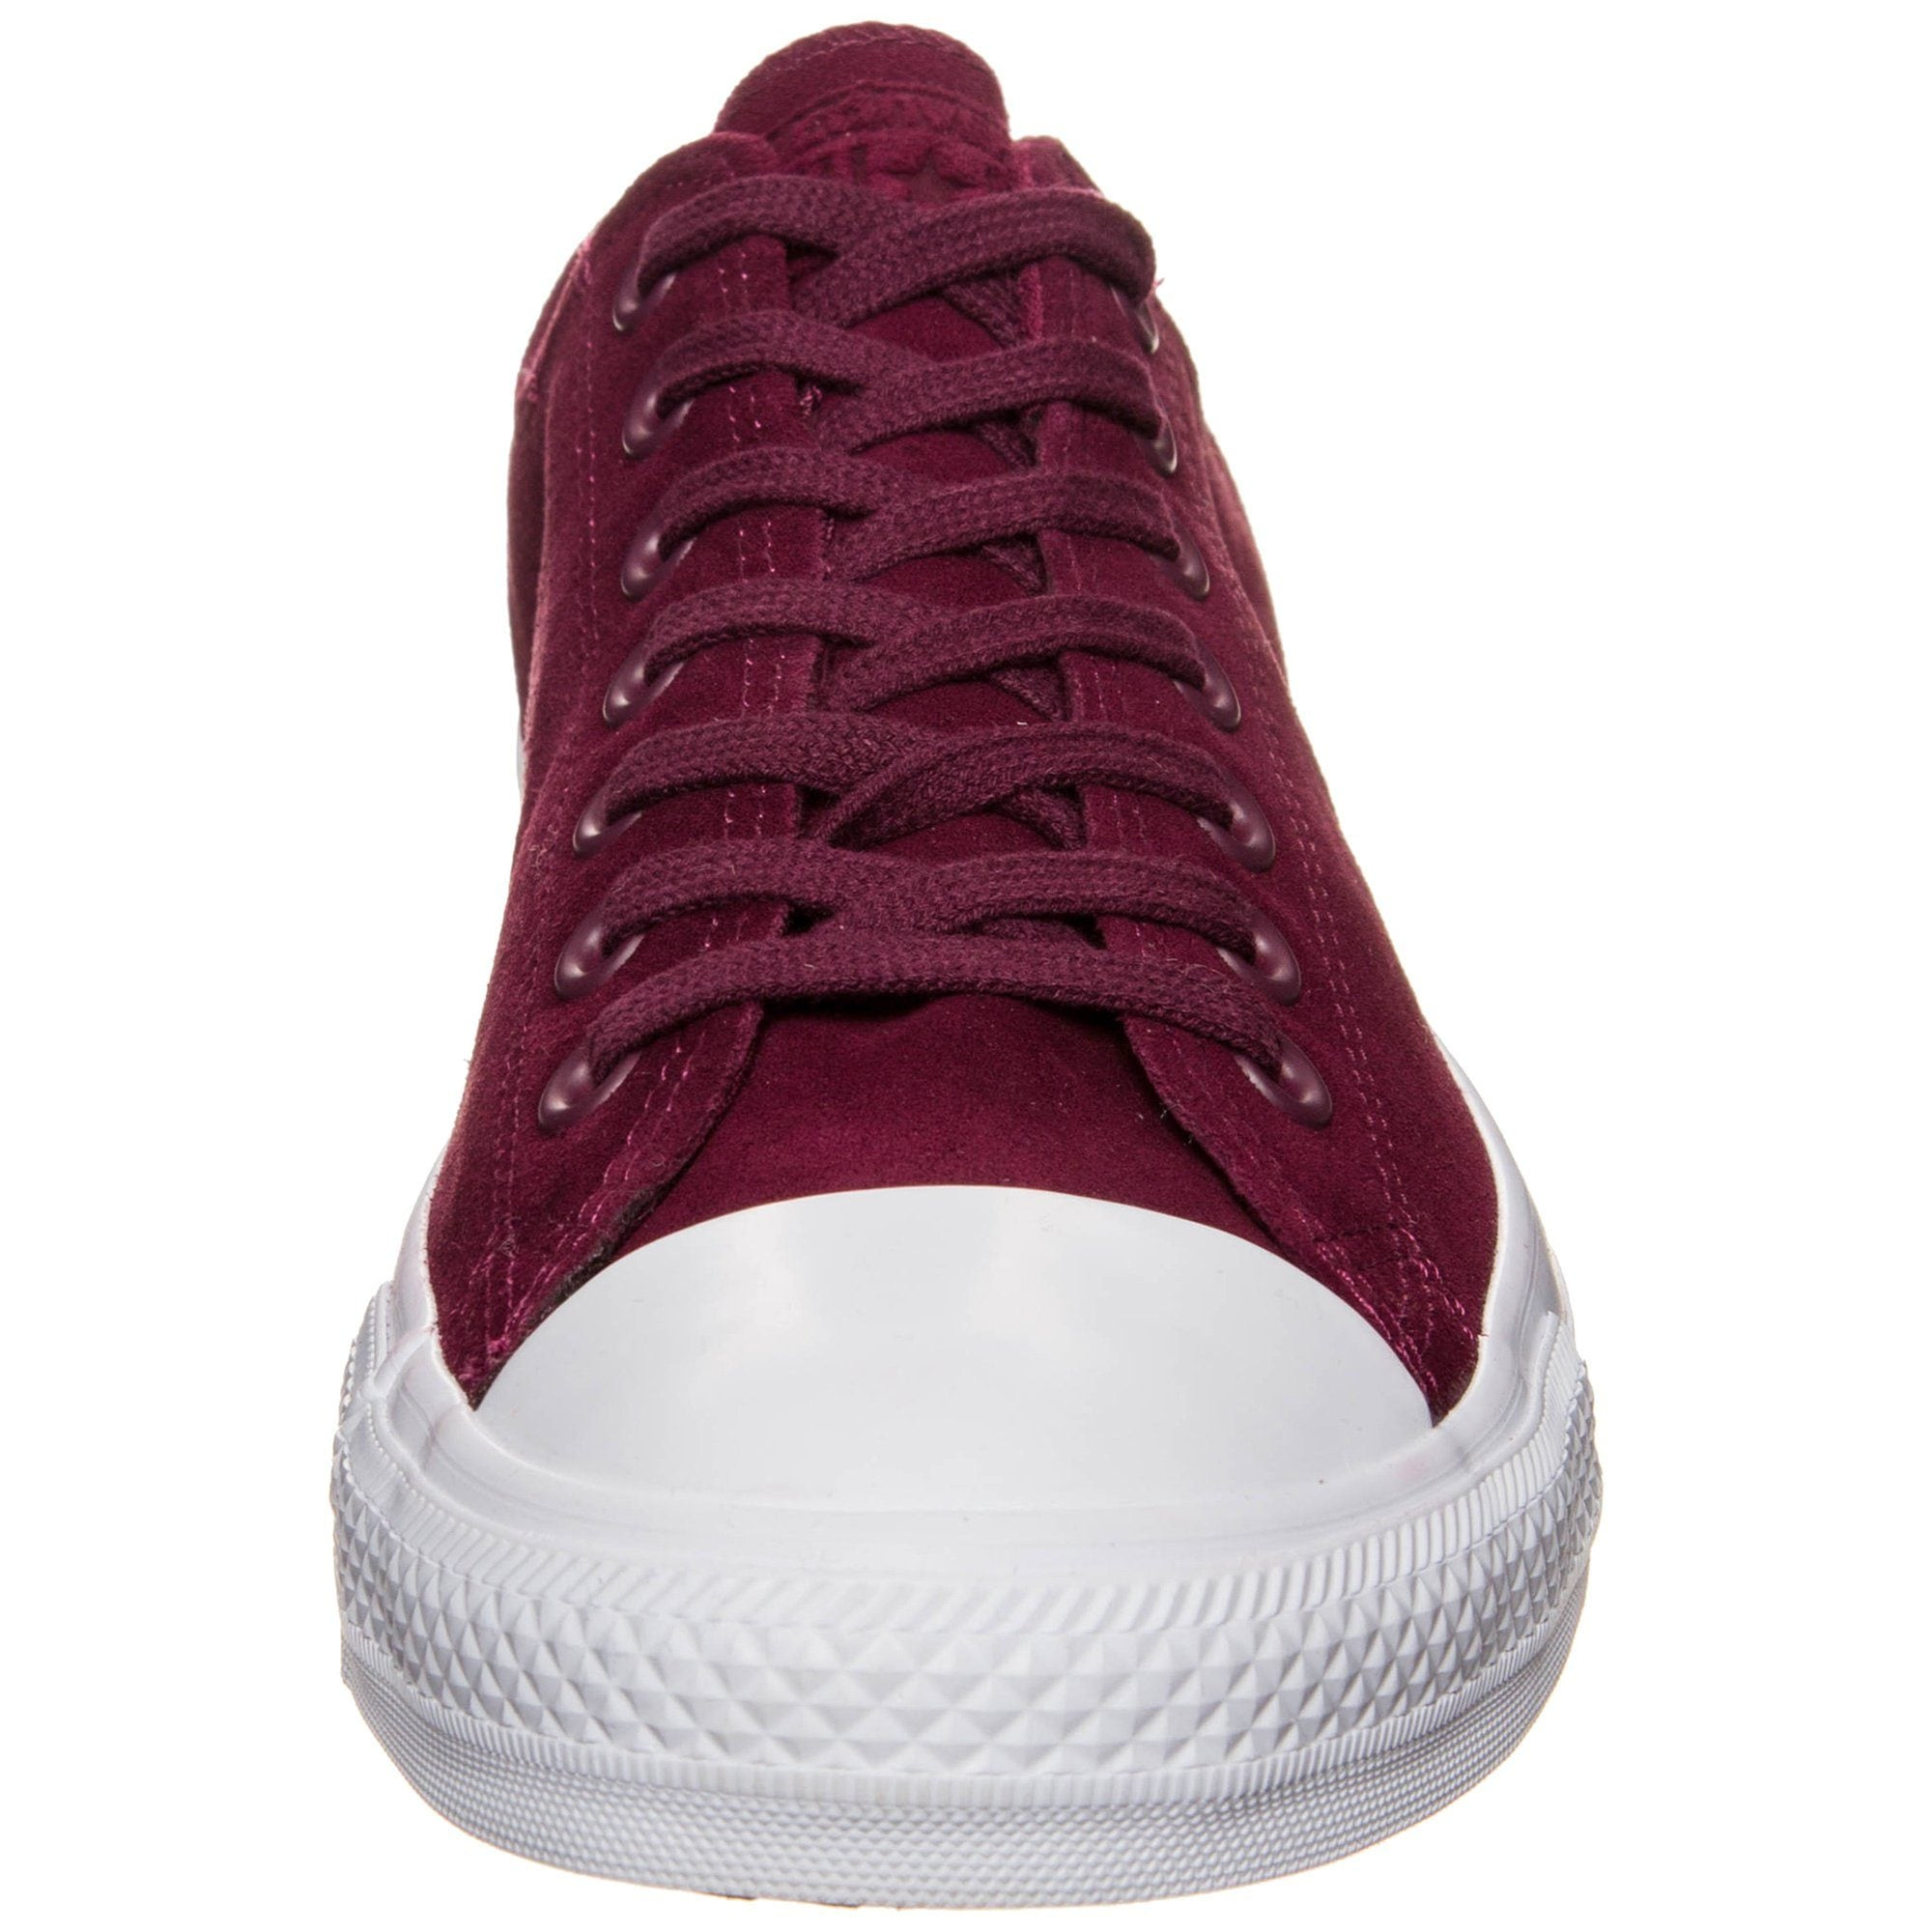 Converse Star Sneaker »Chuck Taylor Bll Star Converse Plush Suede Ox« jetzt online kaufen   Gutes Preis-Leistungs-Verhältnis, es lohnt sich,Boutique22196 4770fd